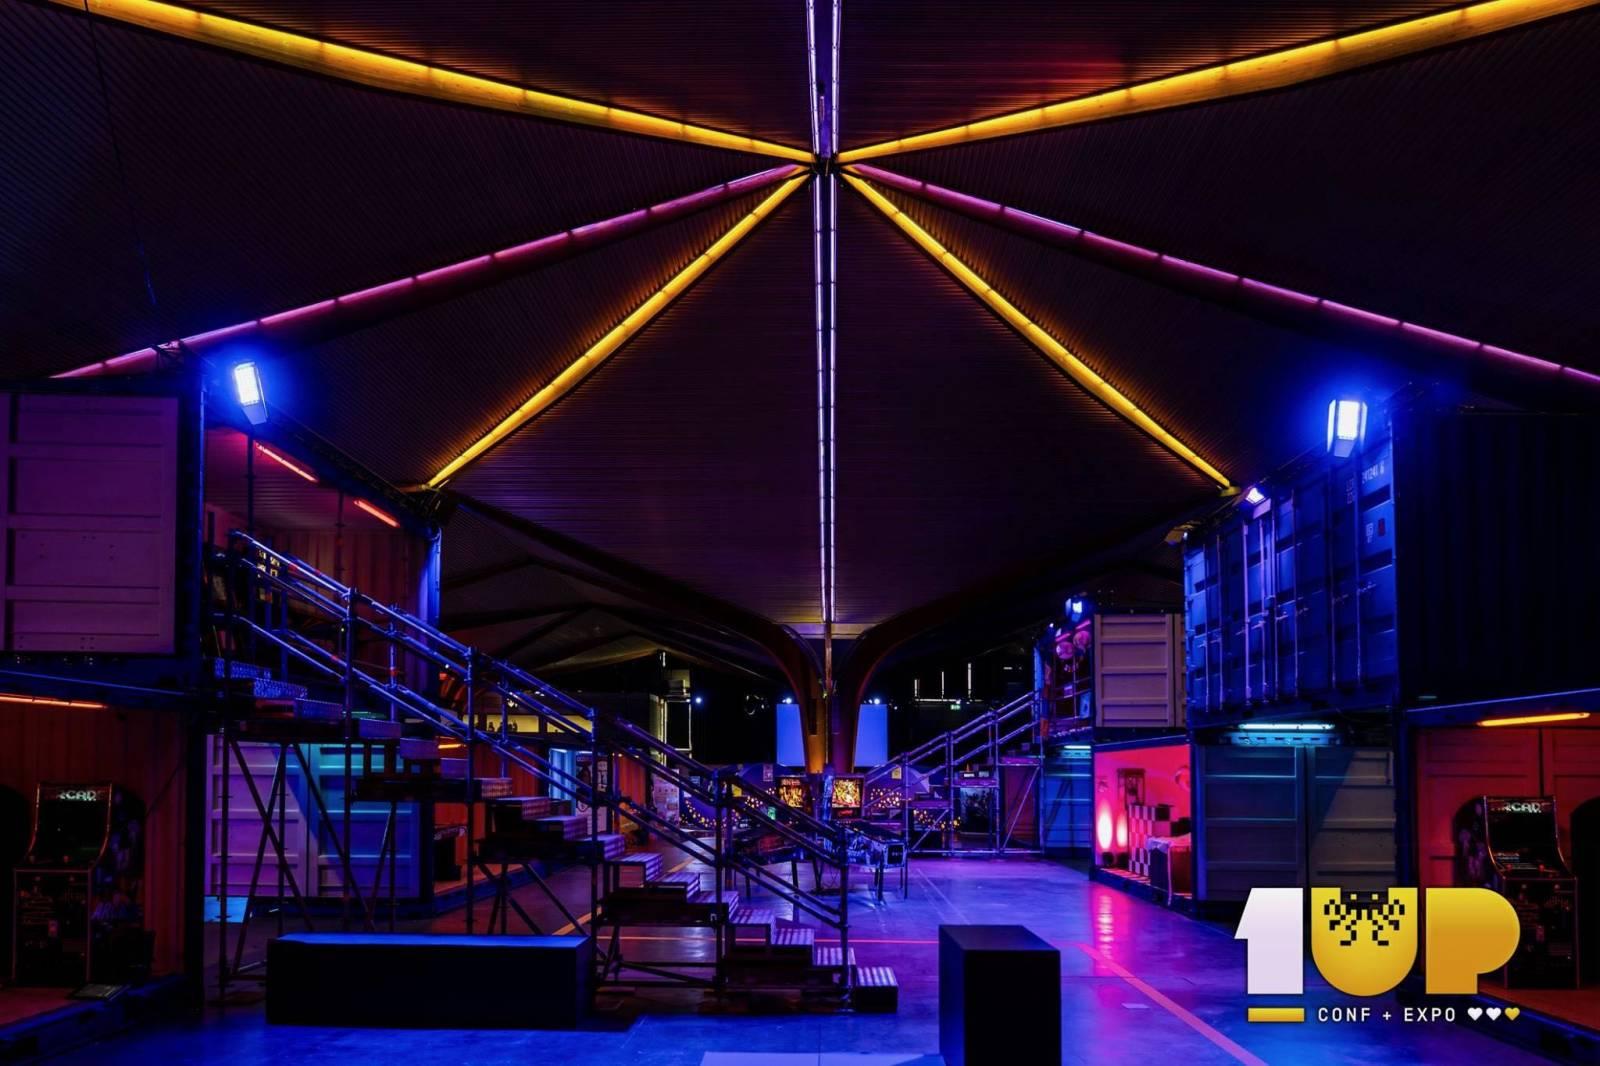 Kortrijk Xpo - Eventlocatie - Feestzaal - Kortrijk - Expohal - House of Events - 1